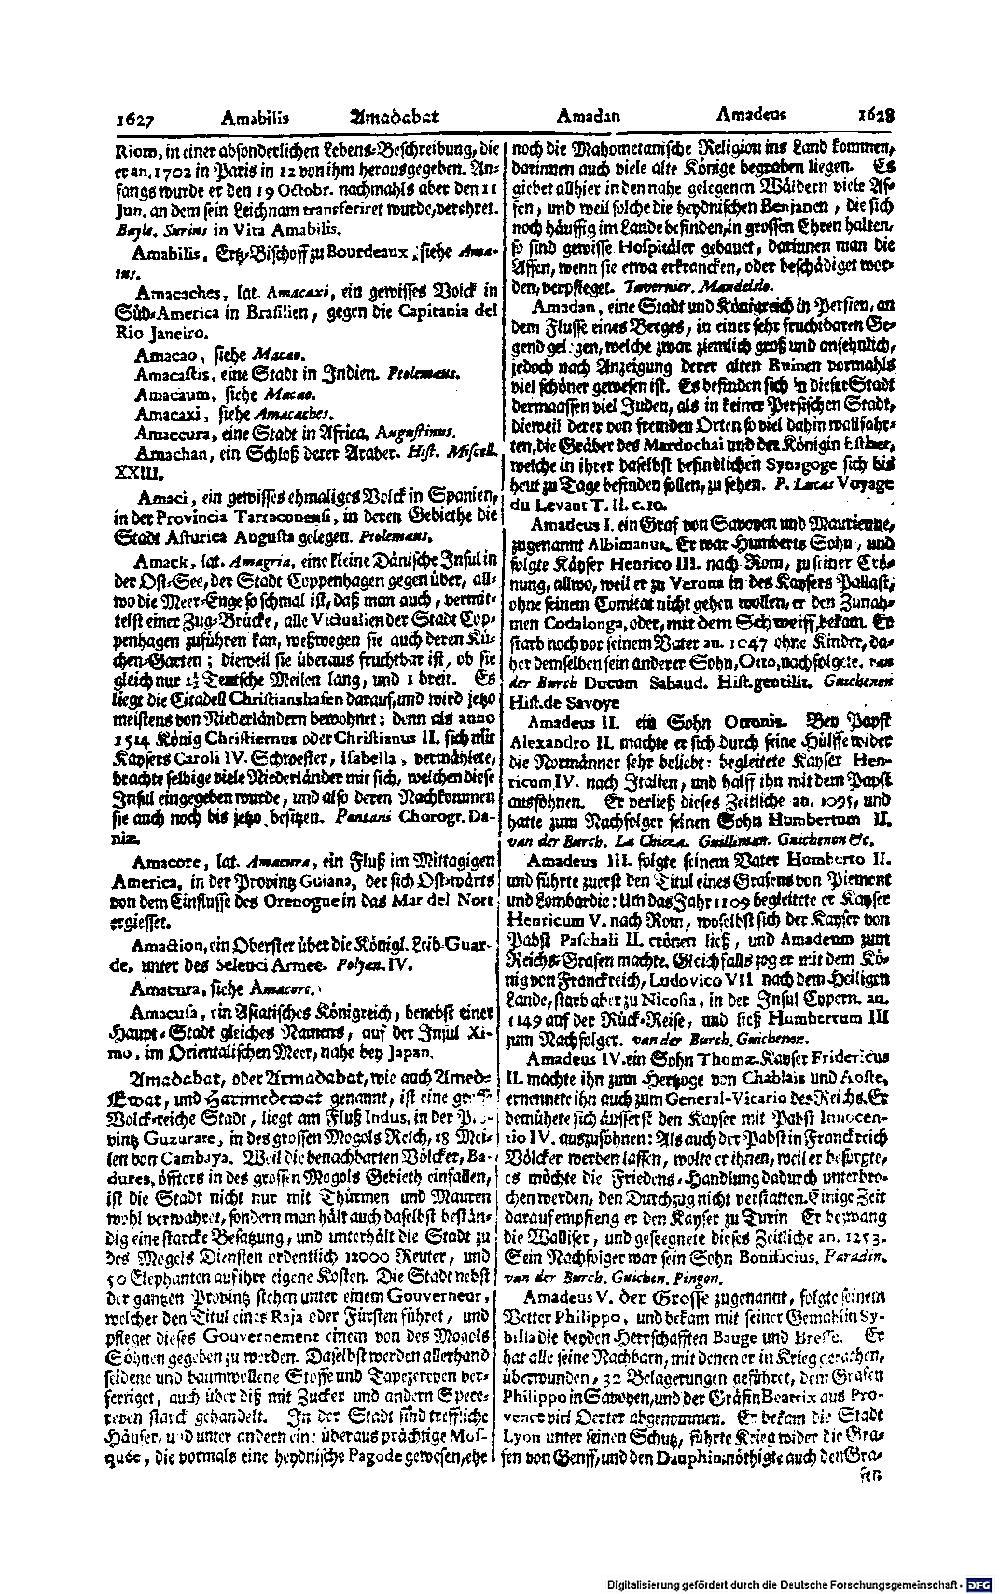 Bd. 01, Seite 0805.